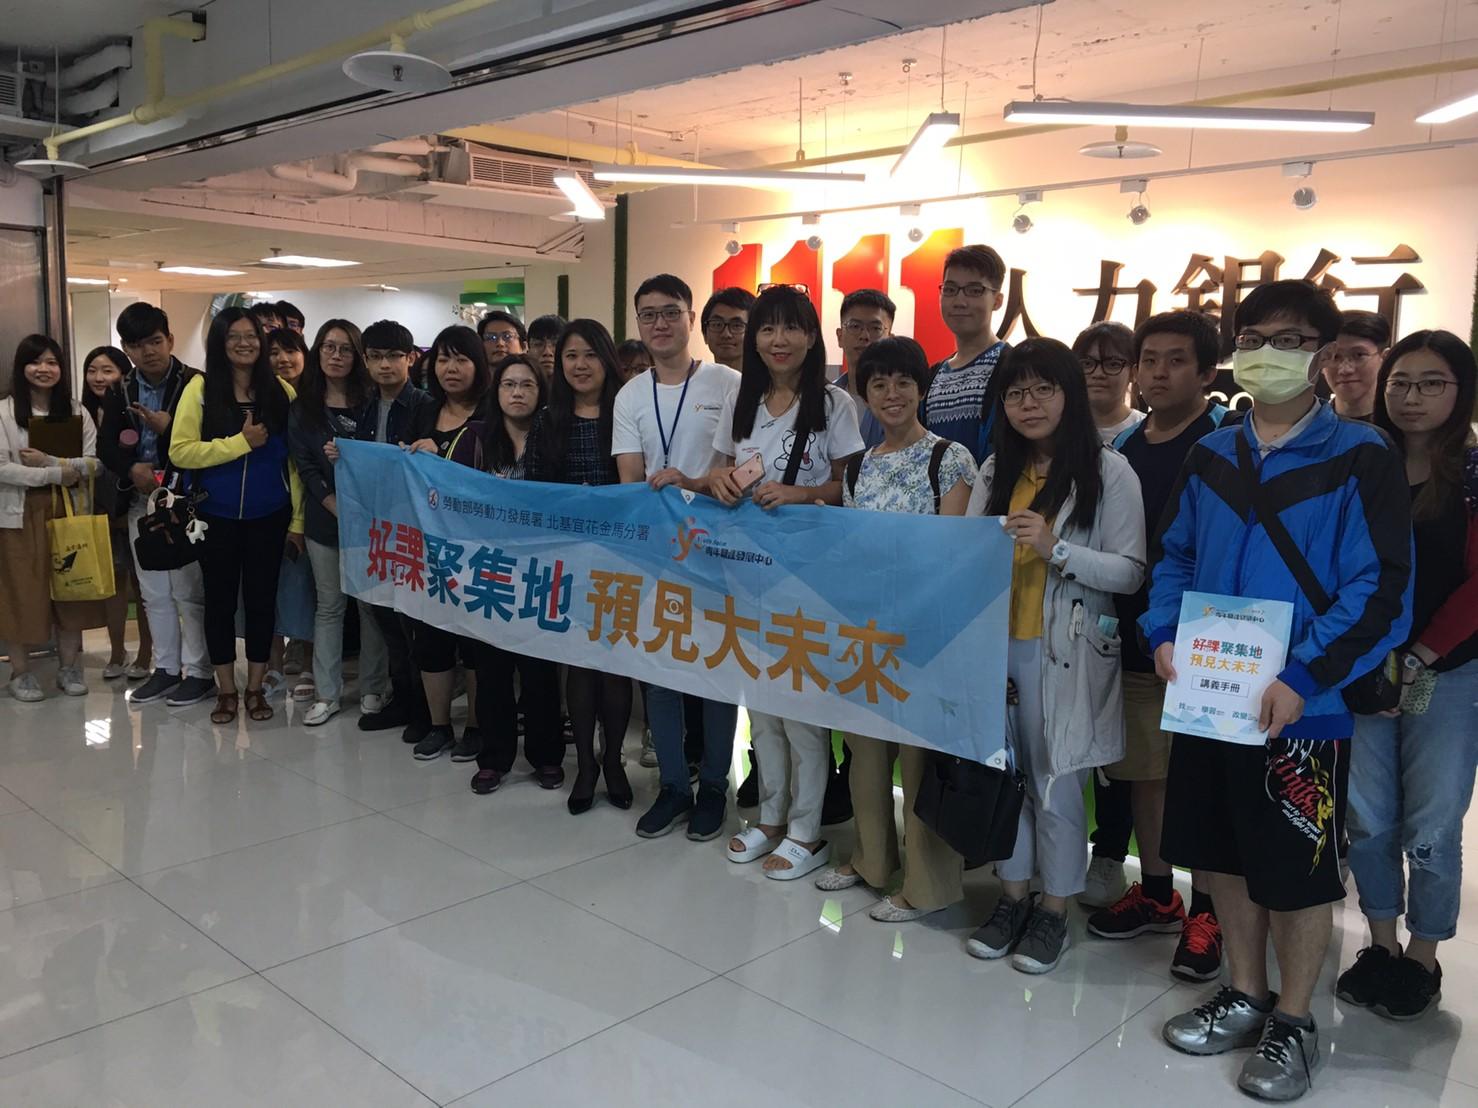 青年職涯發展中心參訪1111人力銀行-青年職涯發展中心